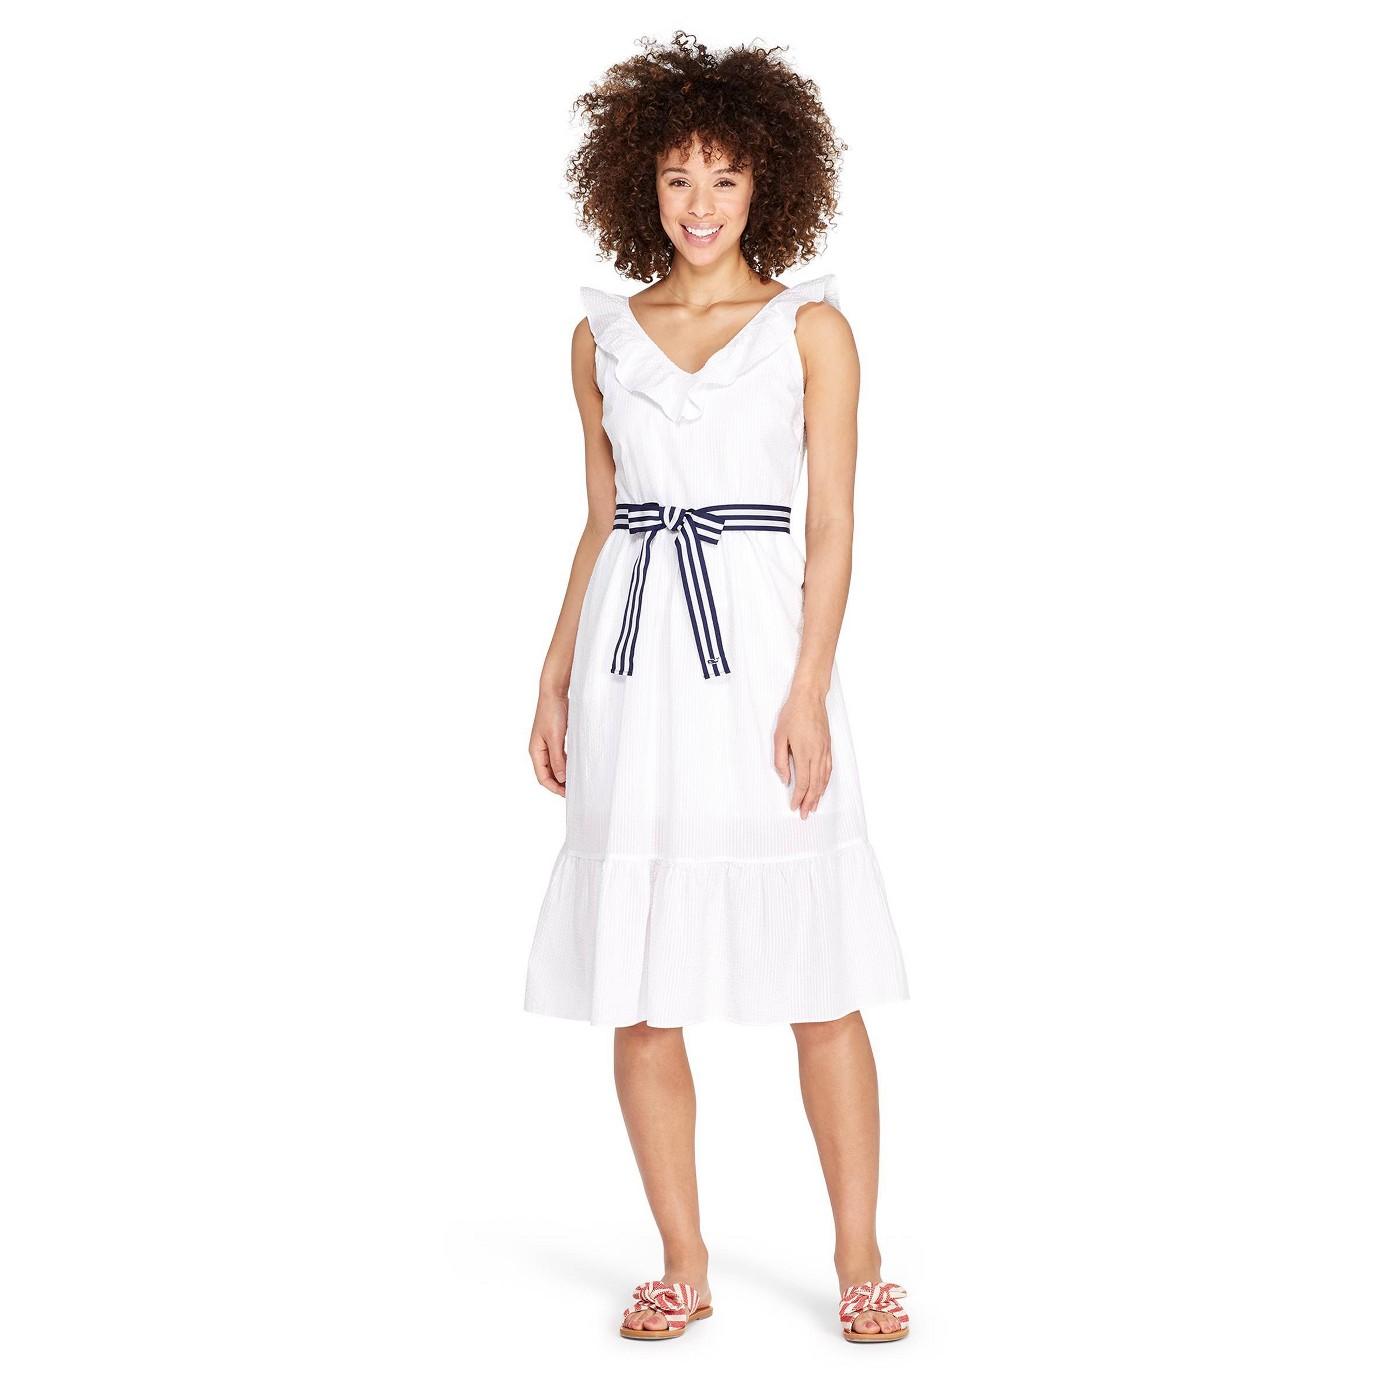 Women's Sleeveless Ruffle Tie Waisted Midi V-Neck Dress - White - vineyard vines® for Target - image 1 of 5